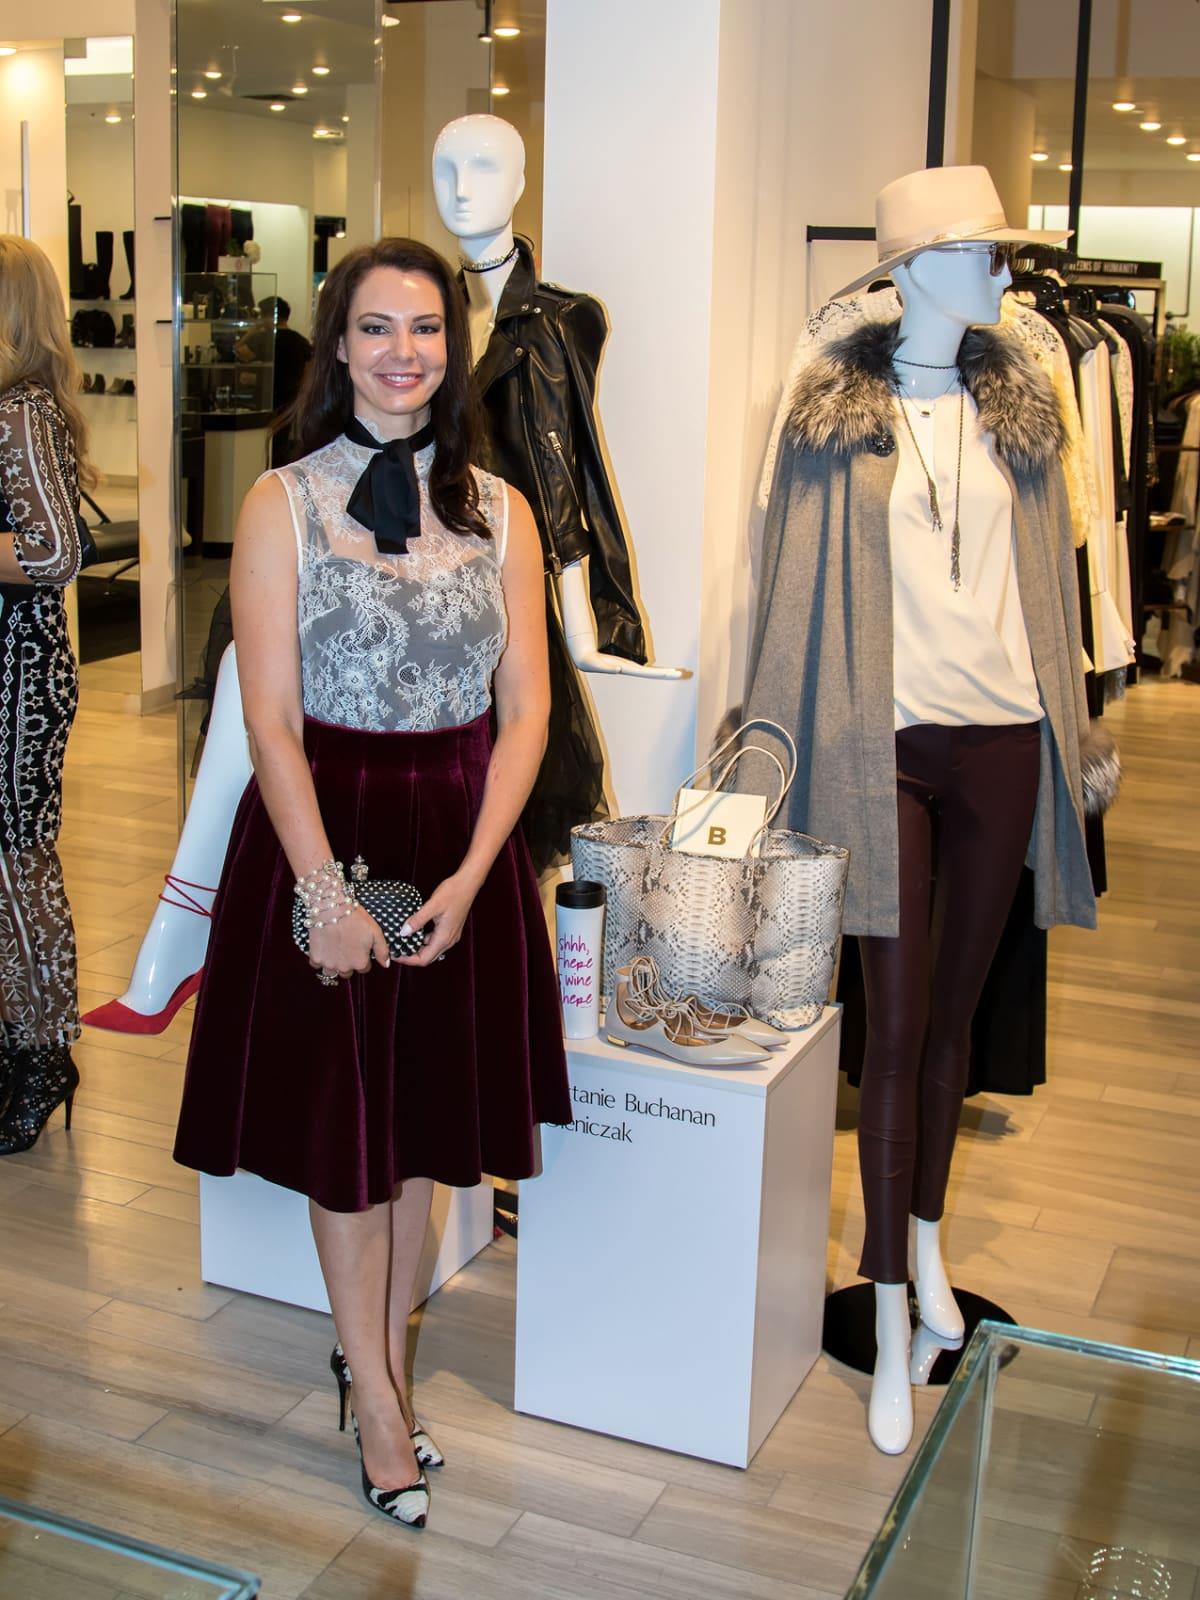 Brittanie Buchanan Oleniczak, Dallas Stylemaker 2016 Reveal Party